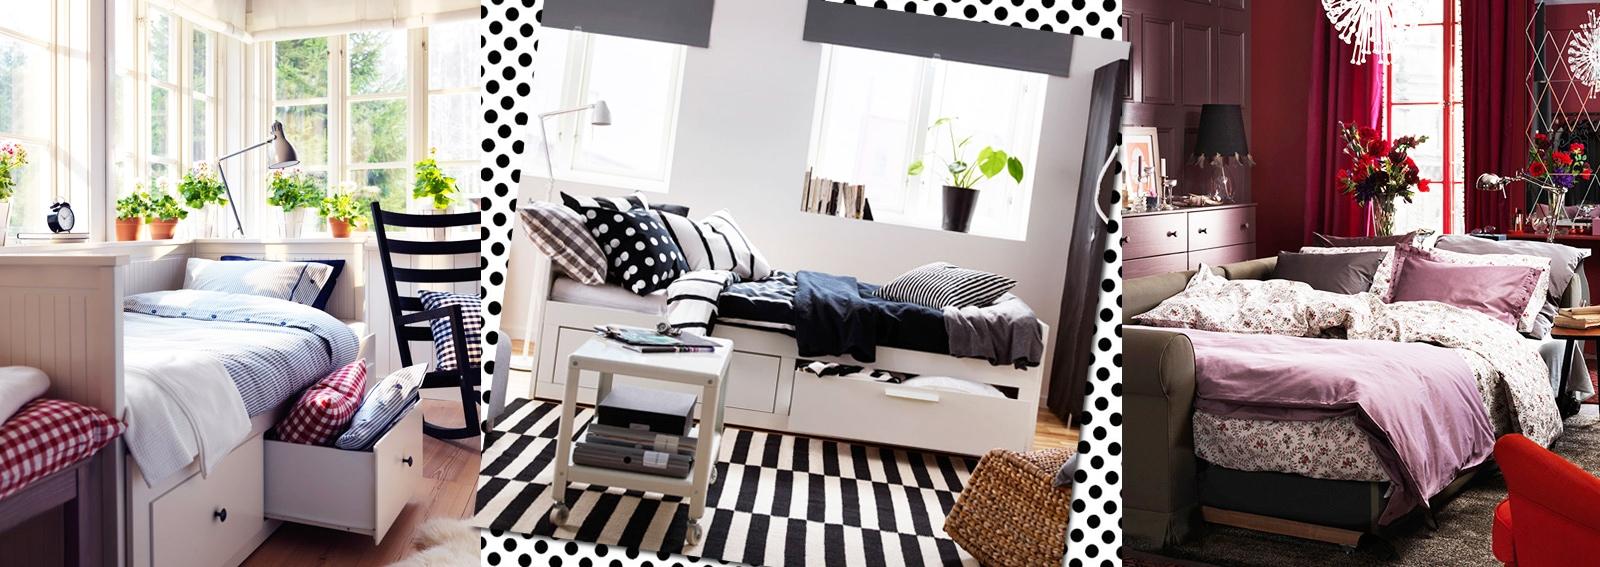 Divano letto IKEA: tutti i modelli più belli dal catalogo 2016 ...